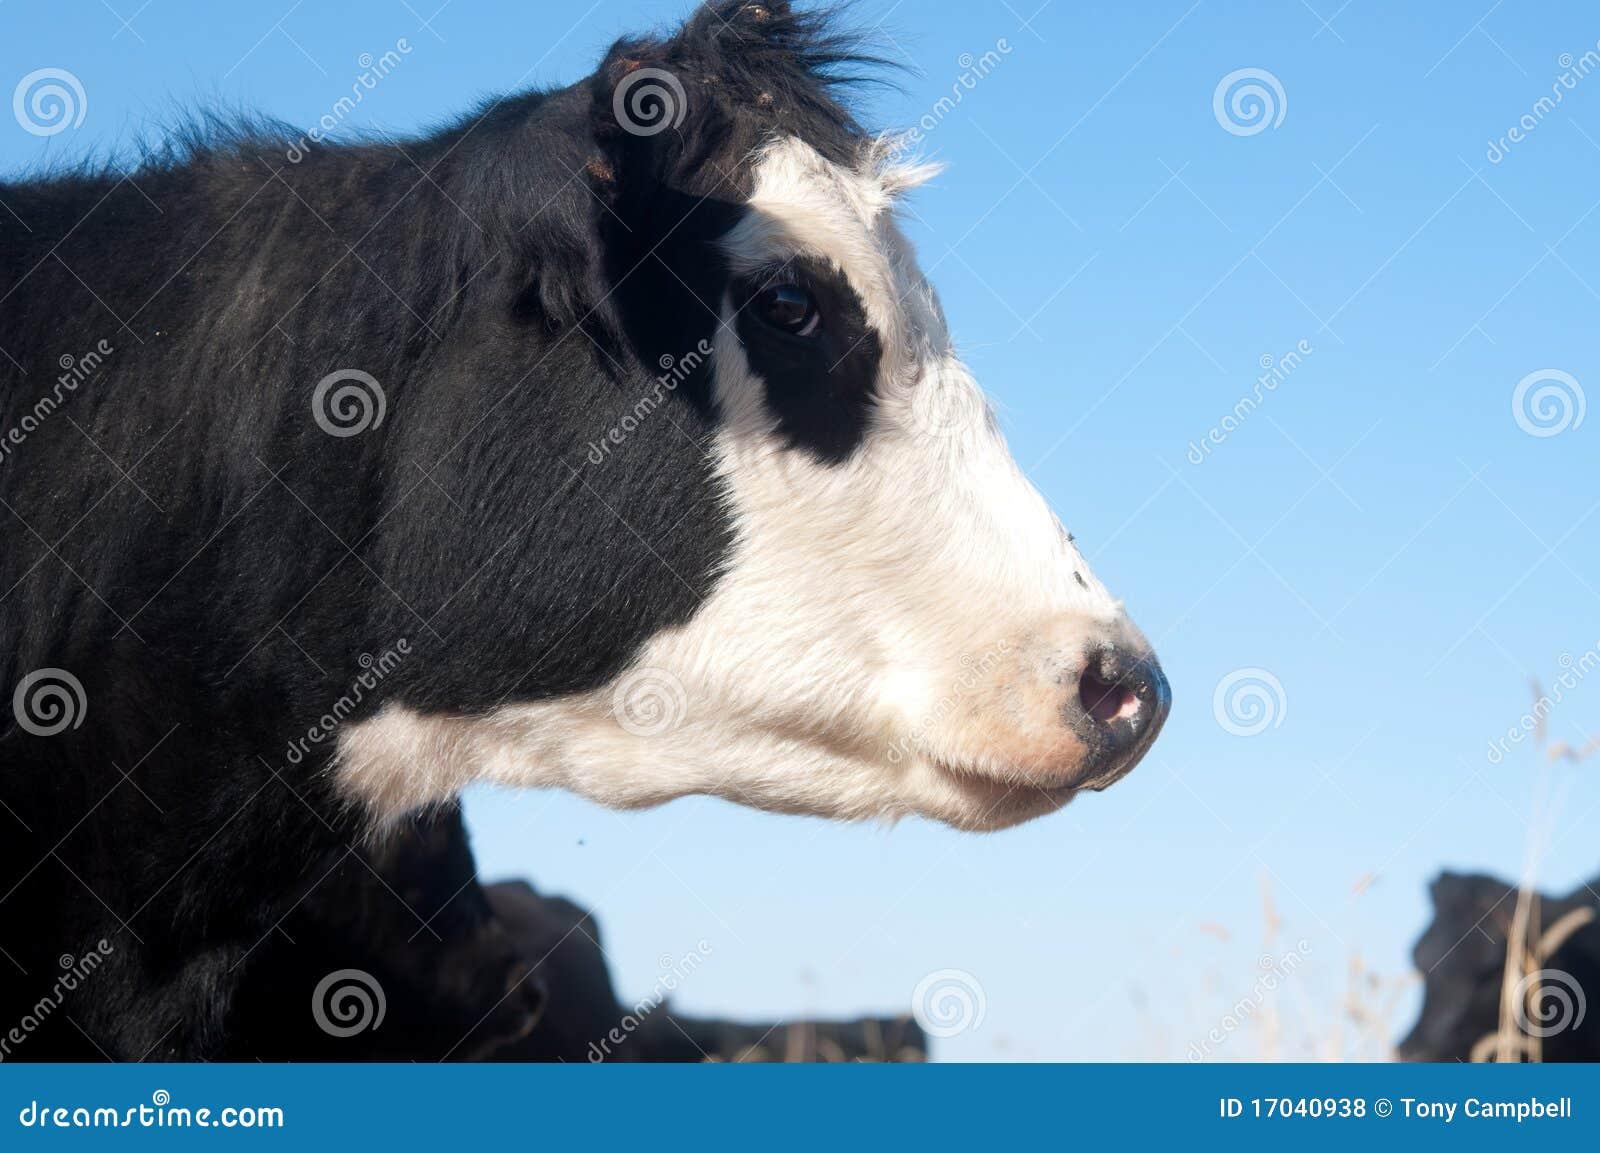 vache noire et blanche dans un p turage photos libres de droits image 17040938. Black Bedroom Furniture Sets. Home Design Ideas